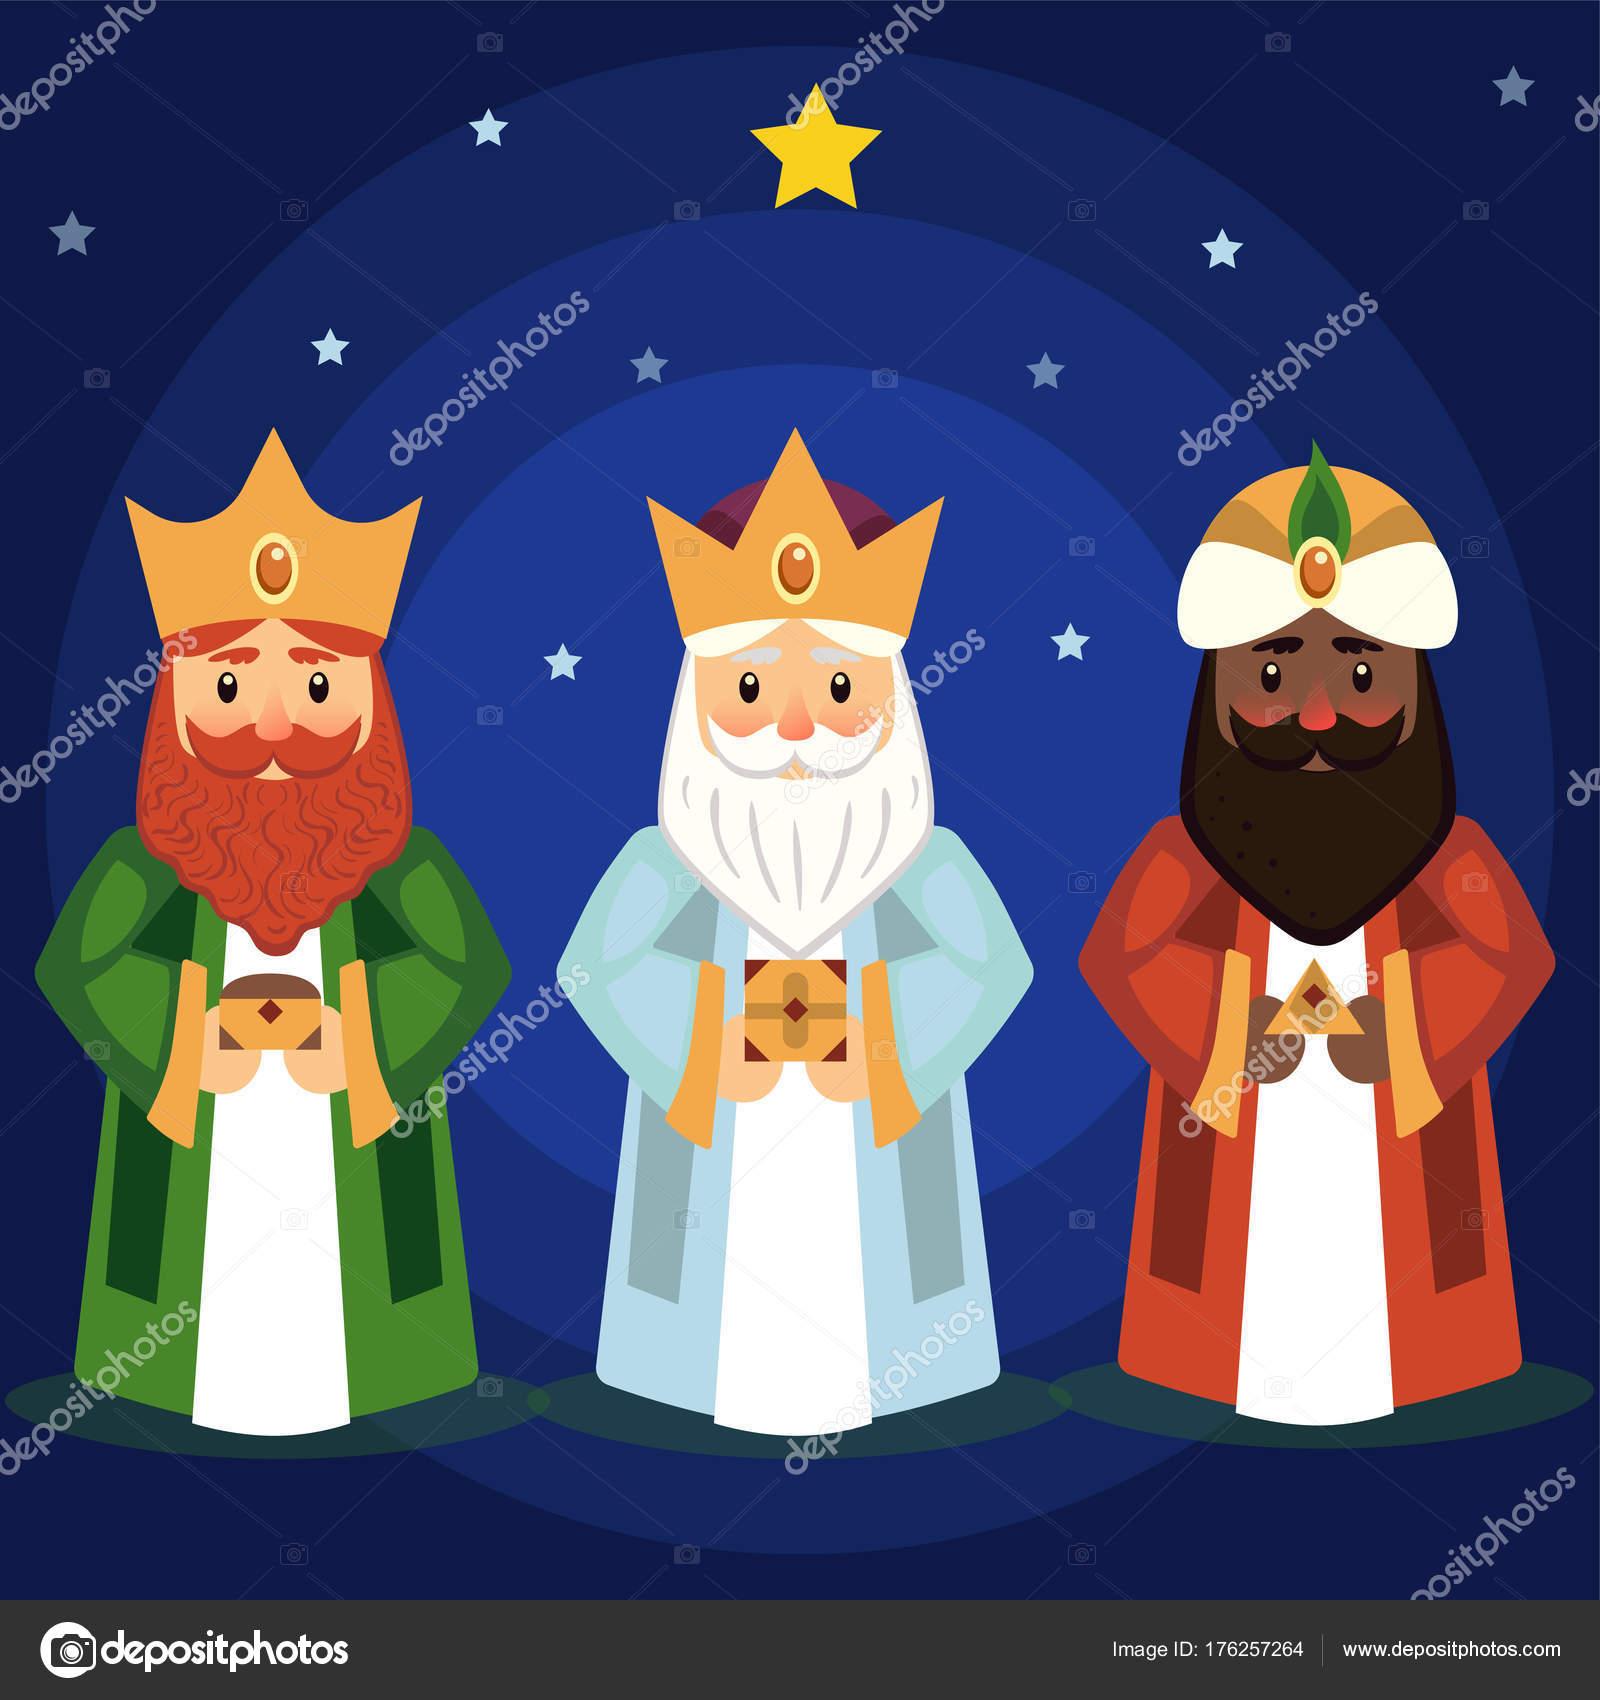 Imagenes Tres Reyes Magos Gratis.Imagenes Los Tres Reyes Magos Ilustracion De Vector De